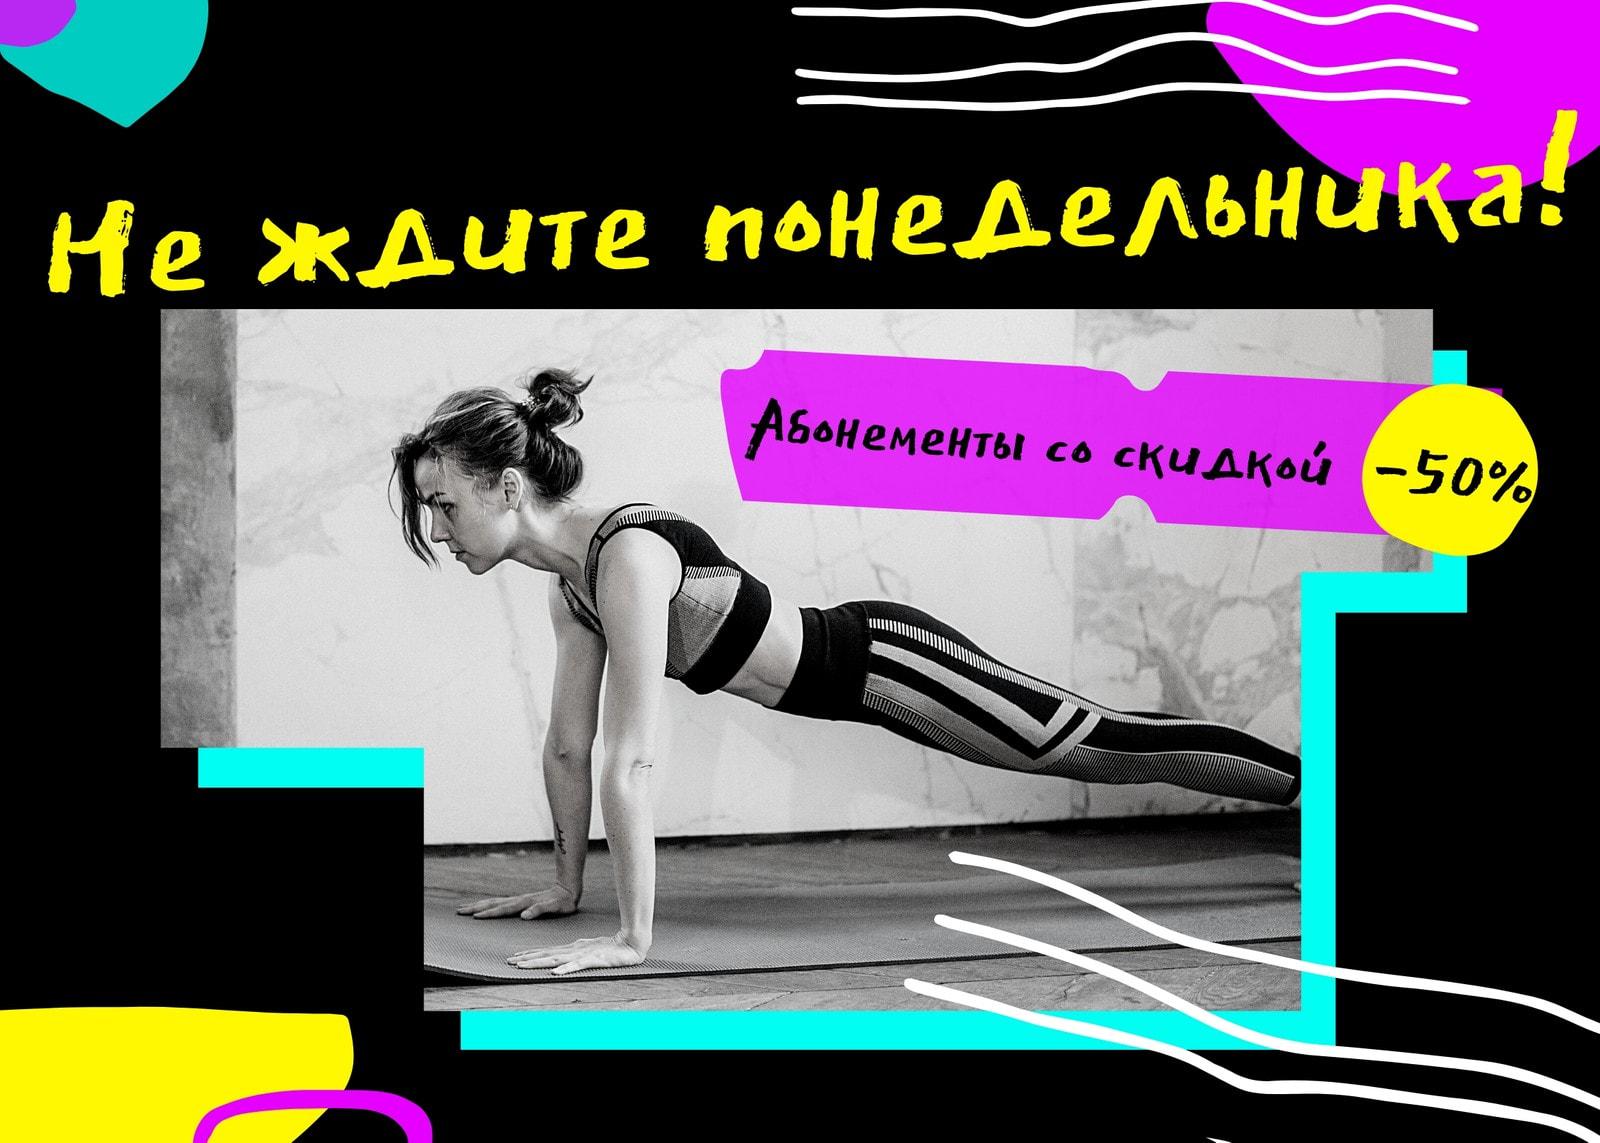 Цветная публикация в ВК с фотографией девушки и геометрическим рисунком